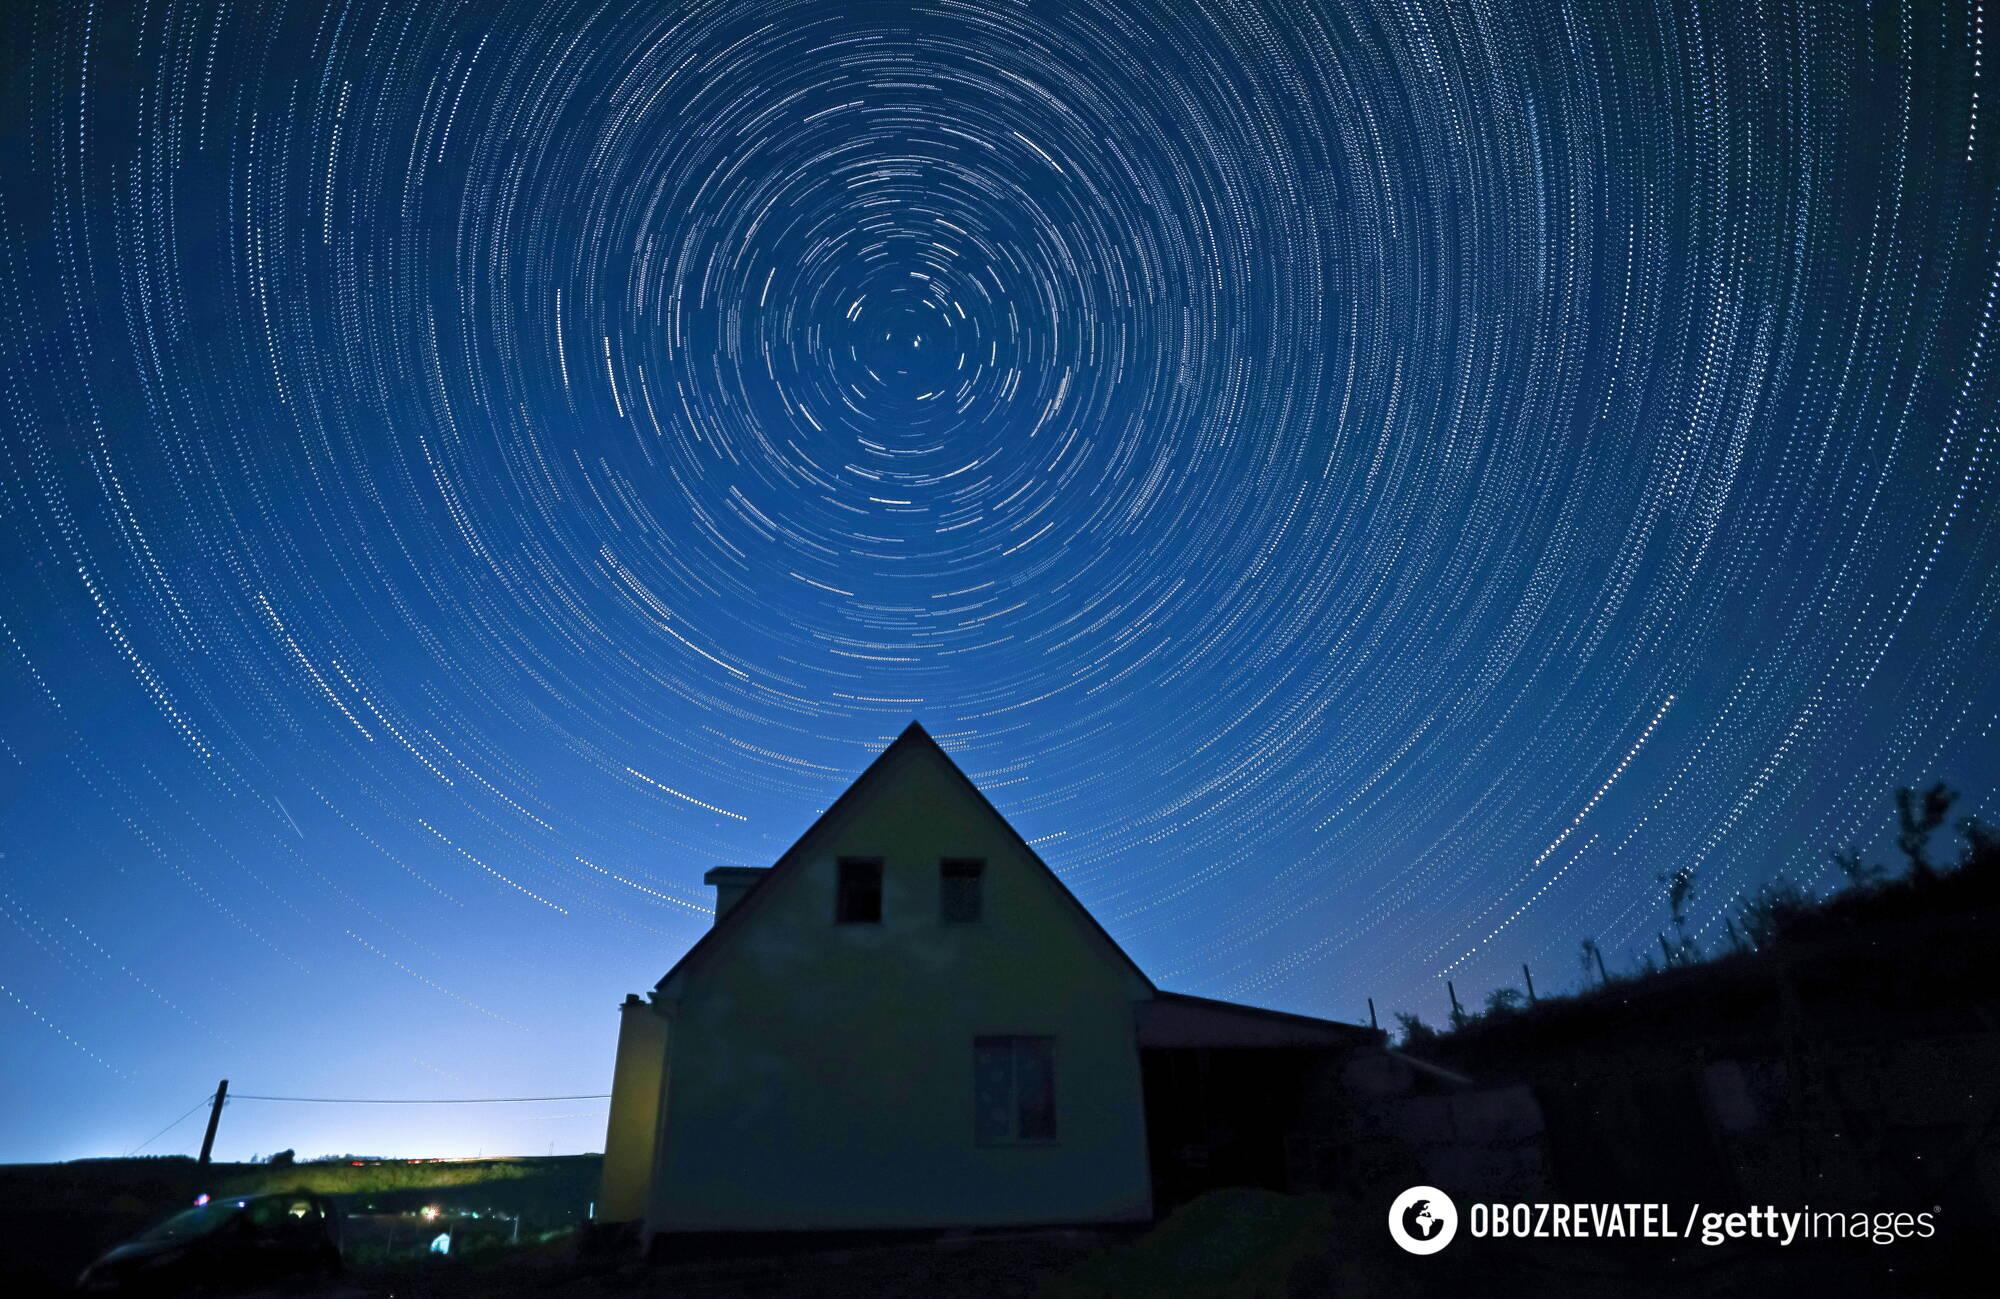 Українці зможуть побачити чотири метеоритних потоки: названо дати